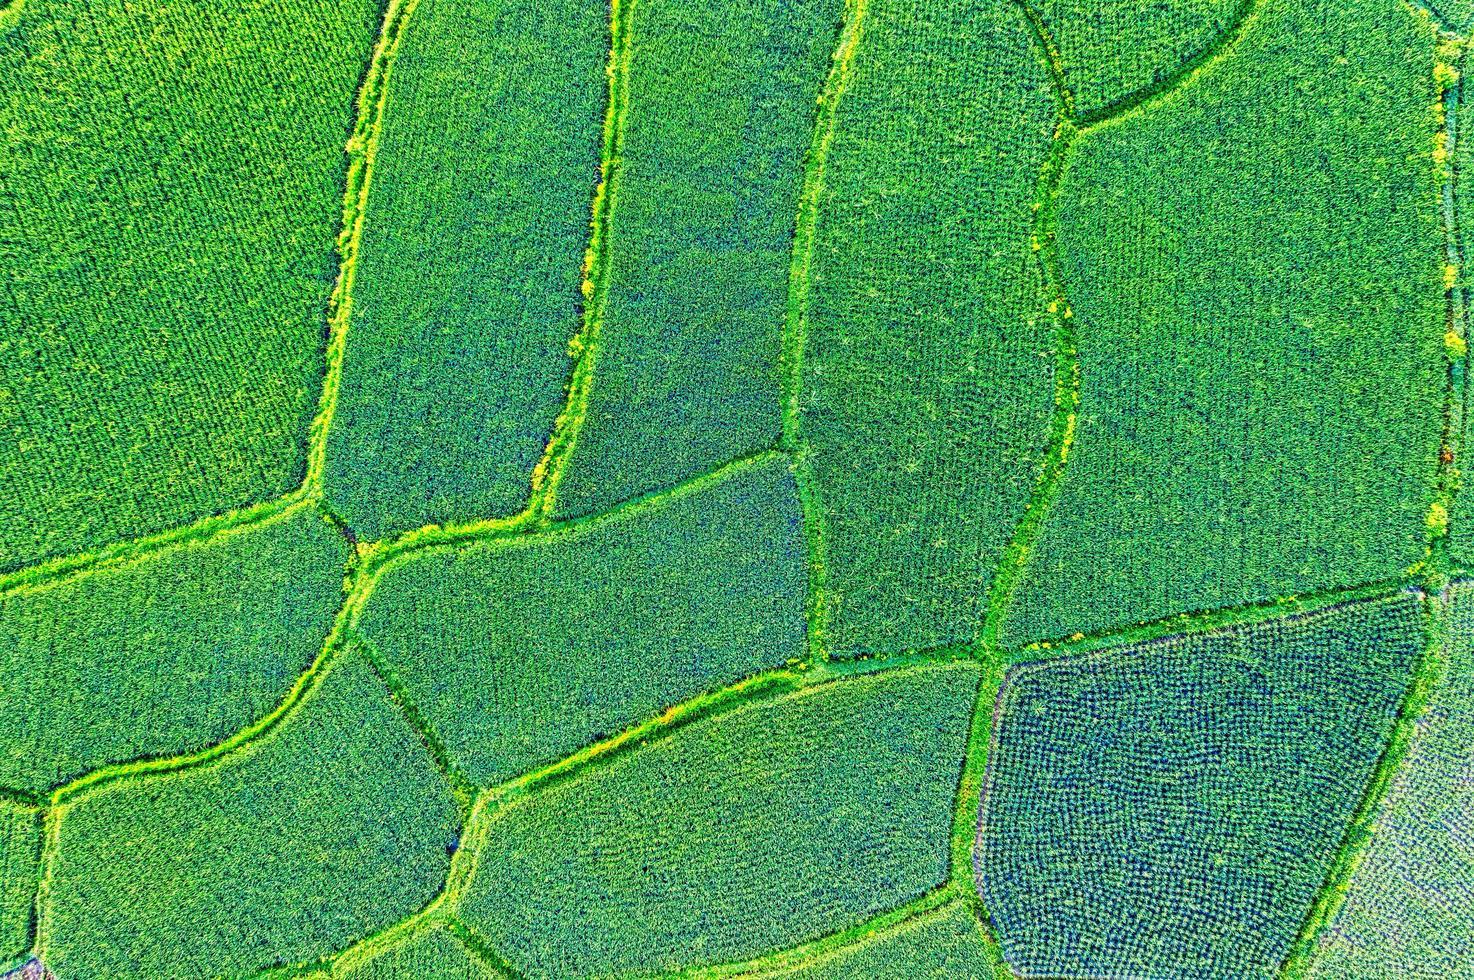 veduta aerea del campo di riso foto